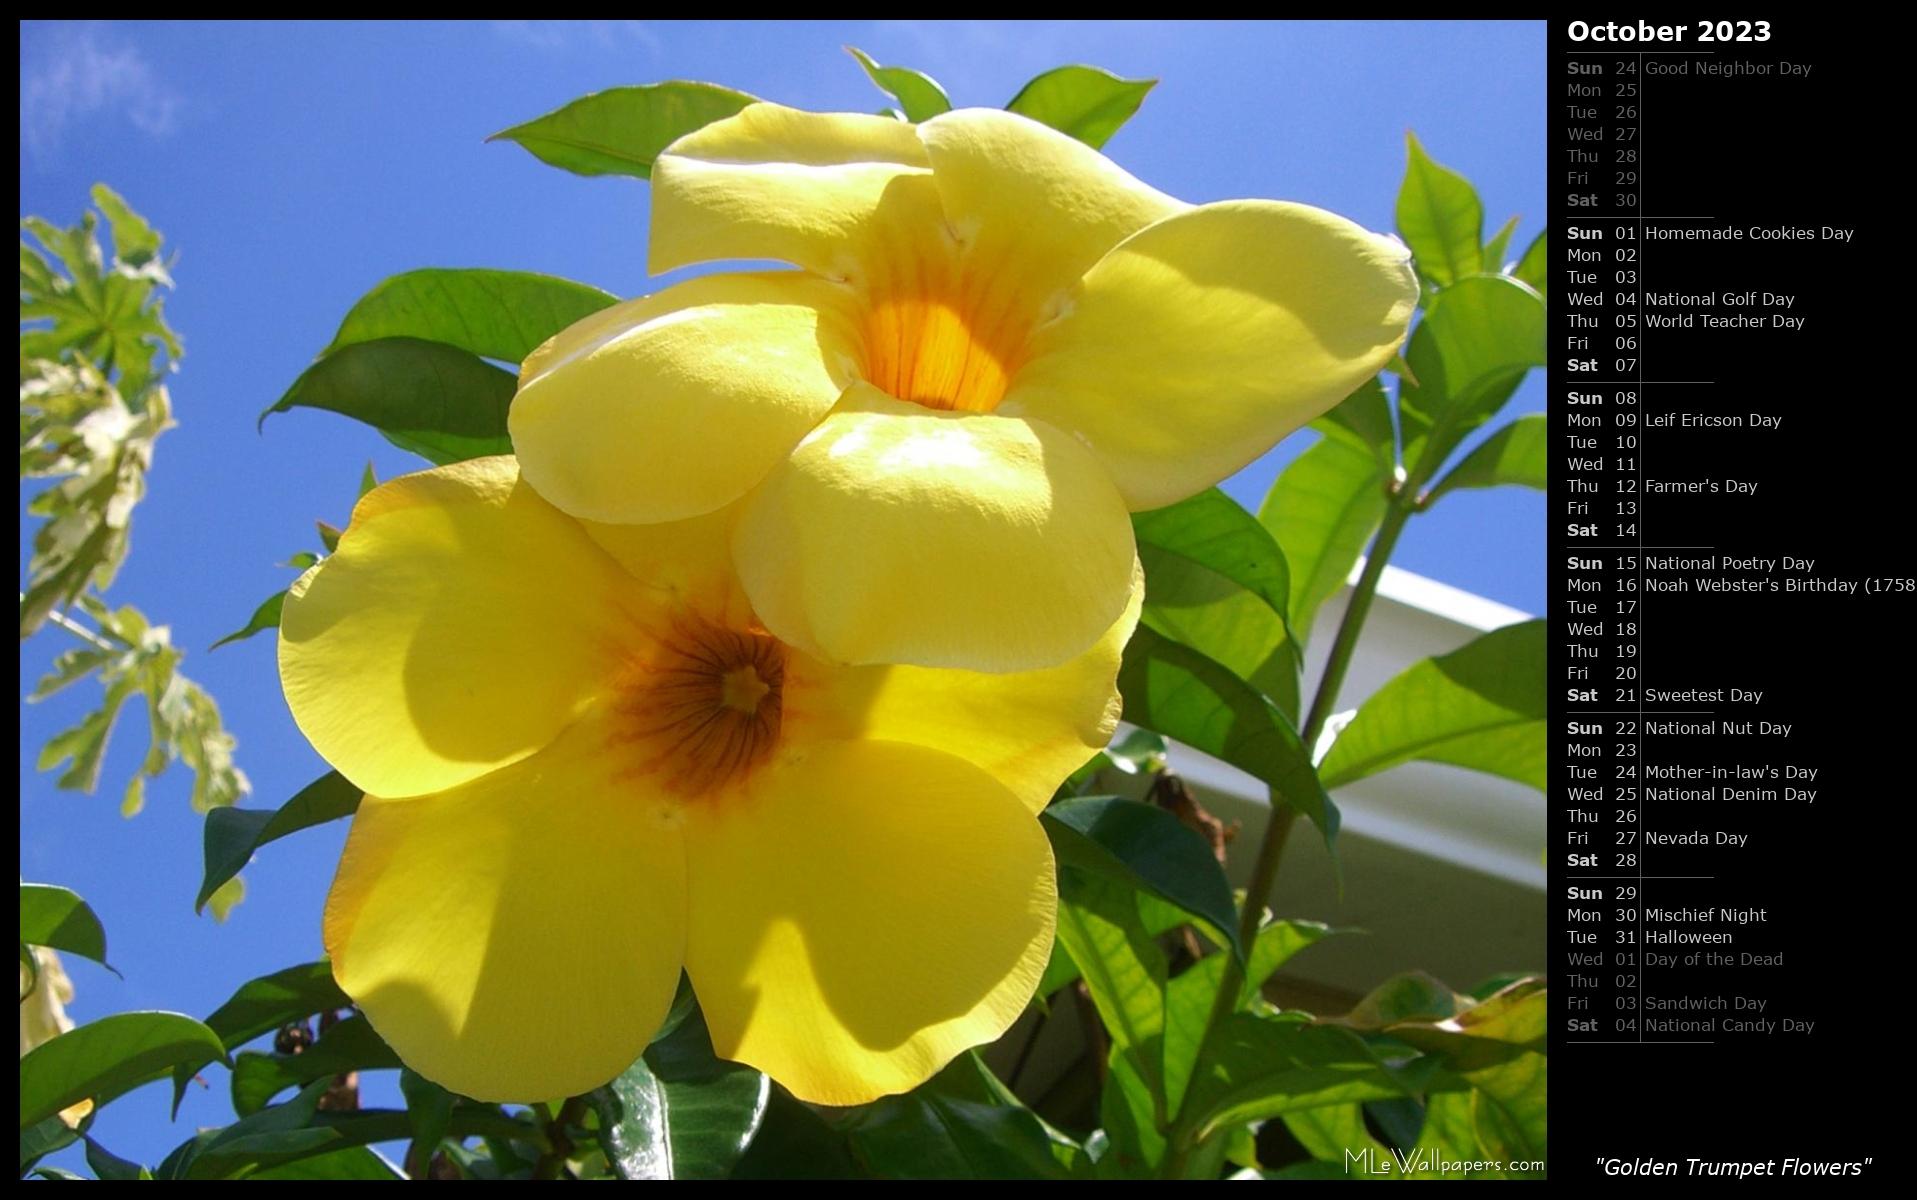 Mlewallpapers golden trumpet flowers calendar golden trumpet flowers izmirmasajfo